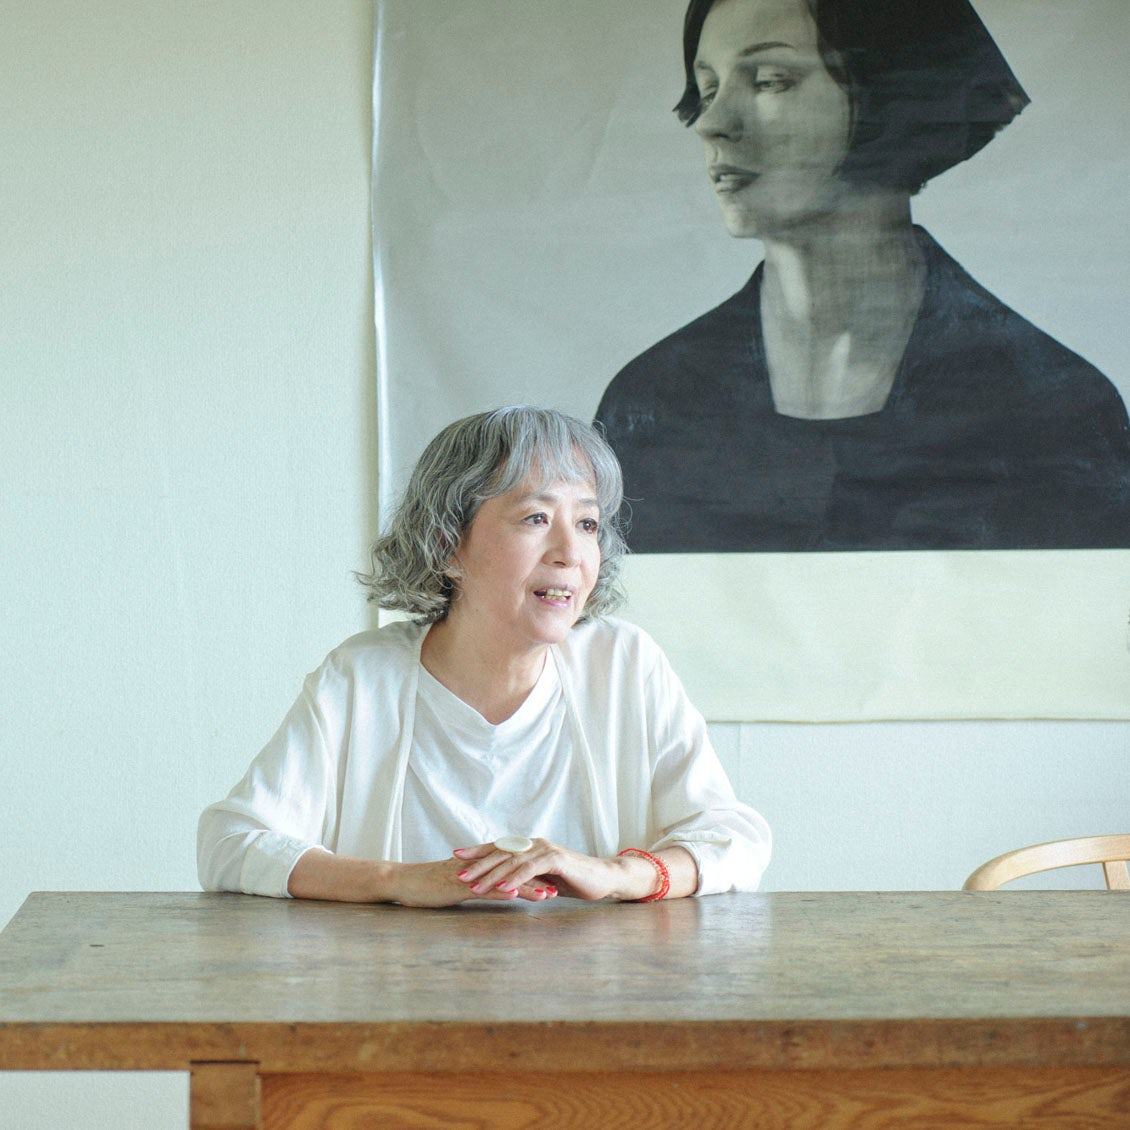 【おしゃれな人】第1話:40代で専業主婦からデザイナーに。(CHICU+CHIKU5/31デザイナー山中とみこさん)